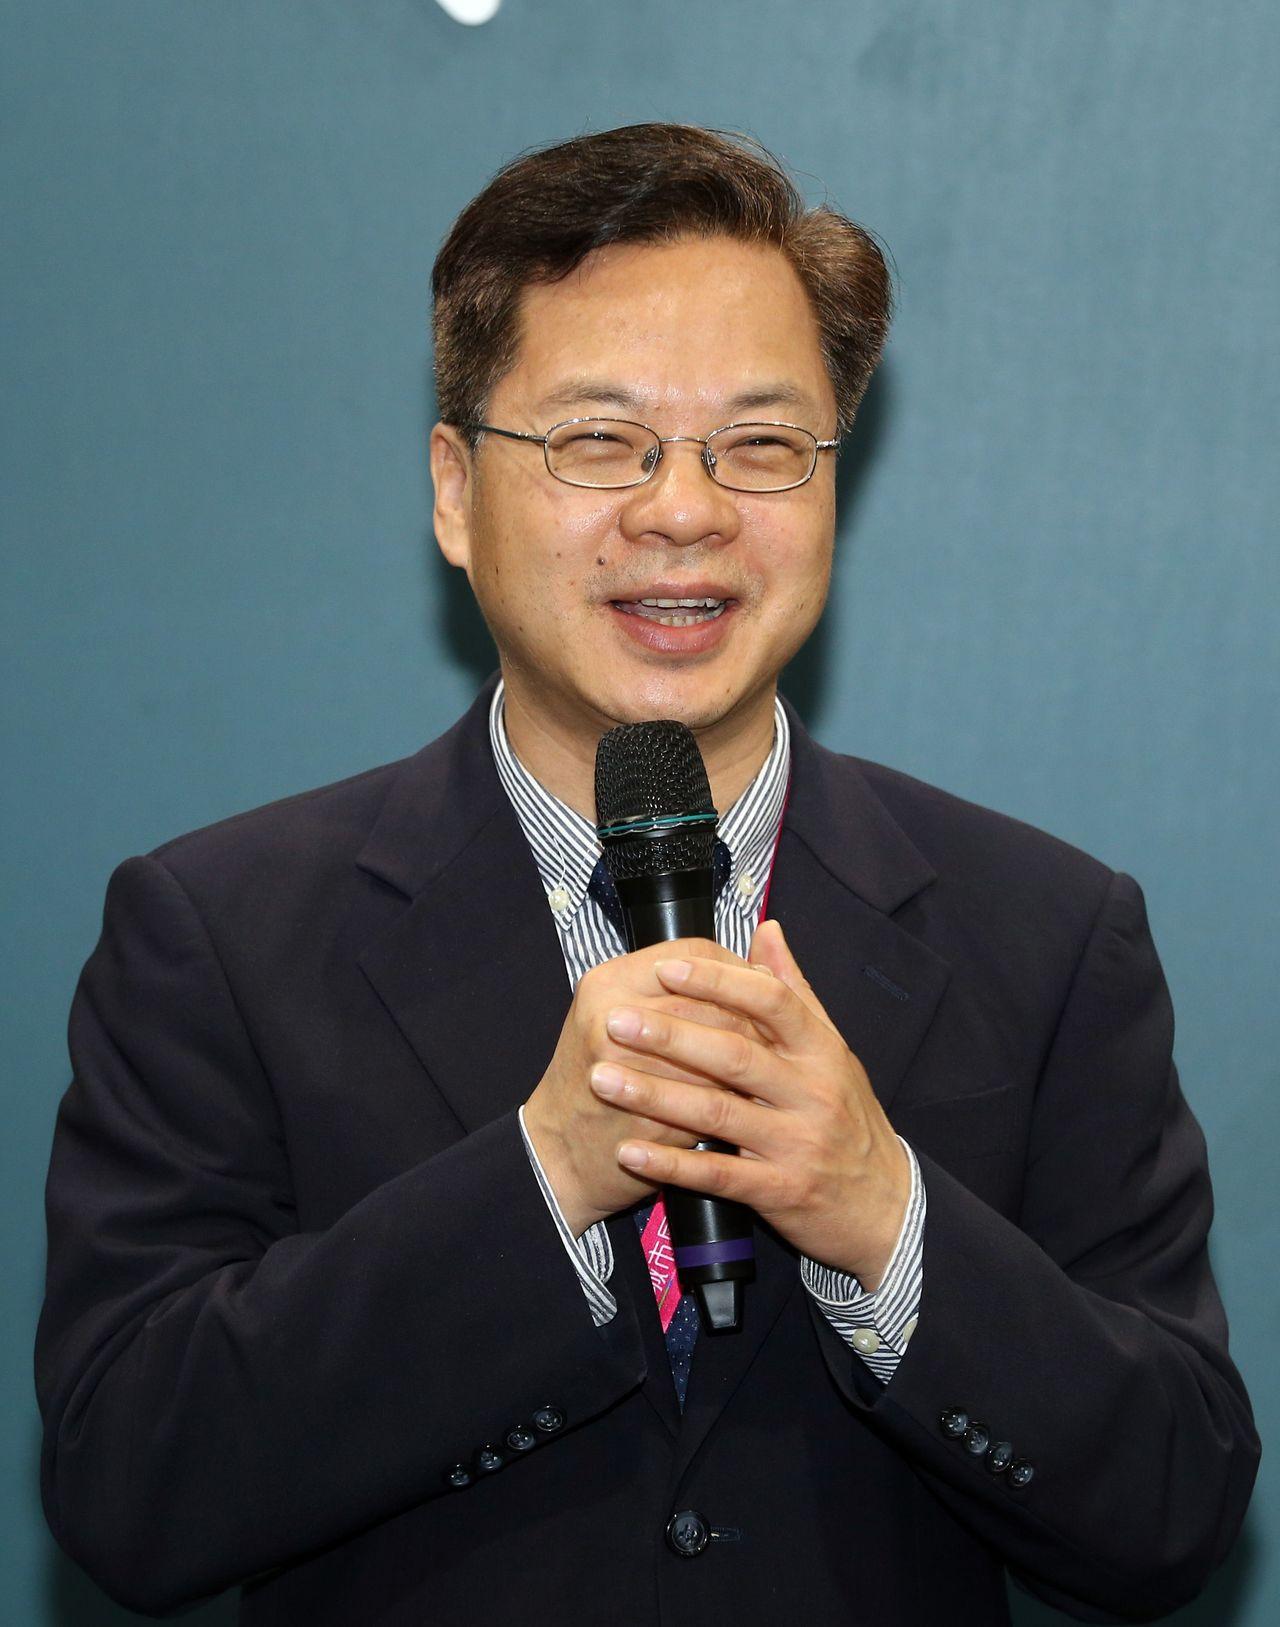 龔明鑫提出「非紅」概念以對應中國廠商的「紅色供應鏈」。攝影中心 曾吉松